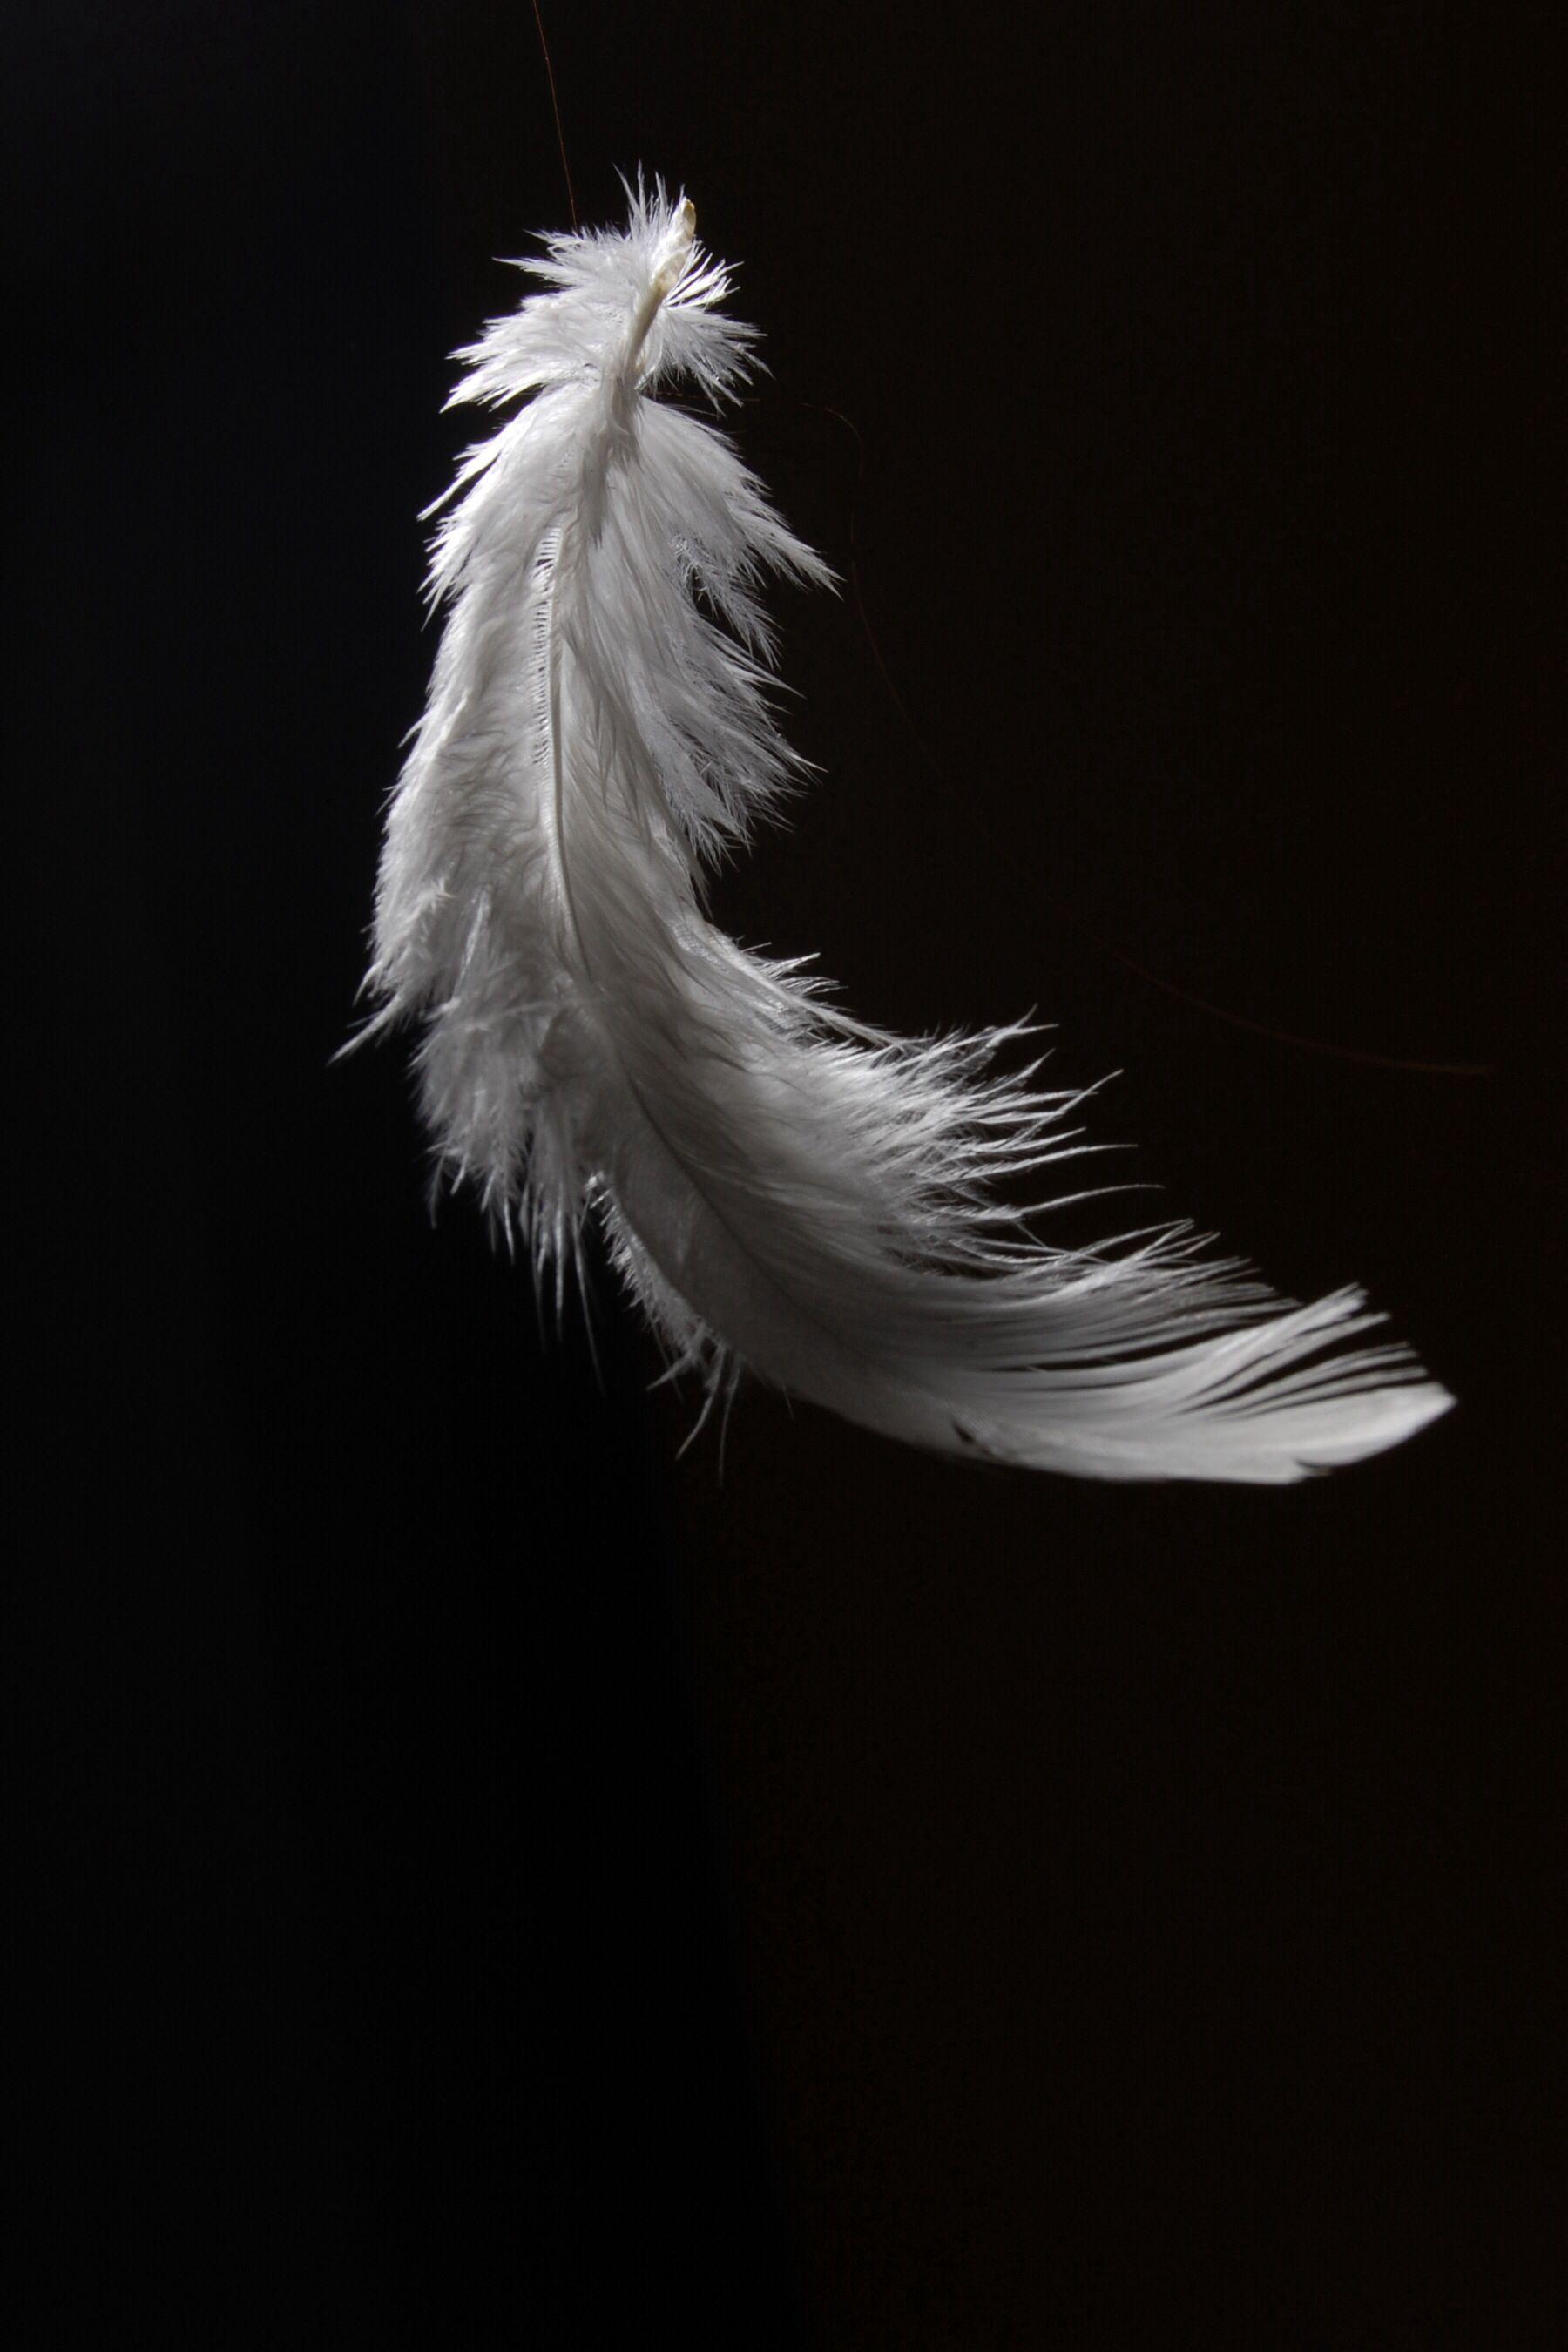 White Feather zwarte achtergrond 18003 achtergronden CamLib 1800x2700